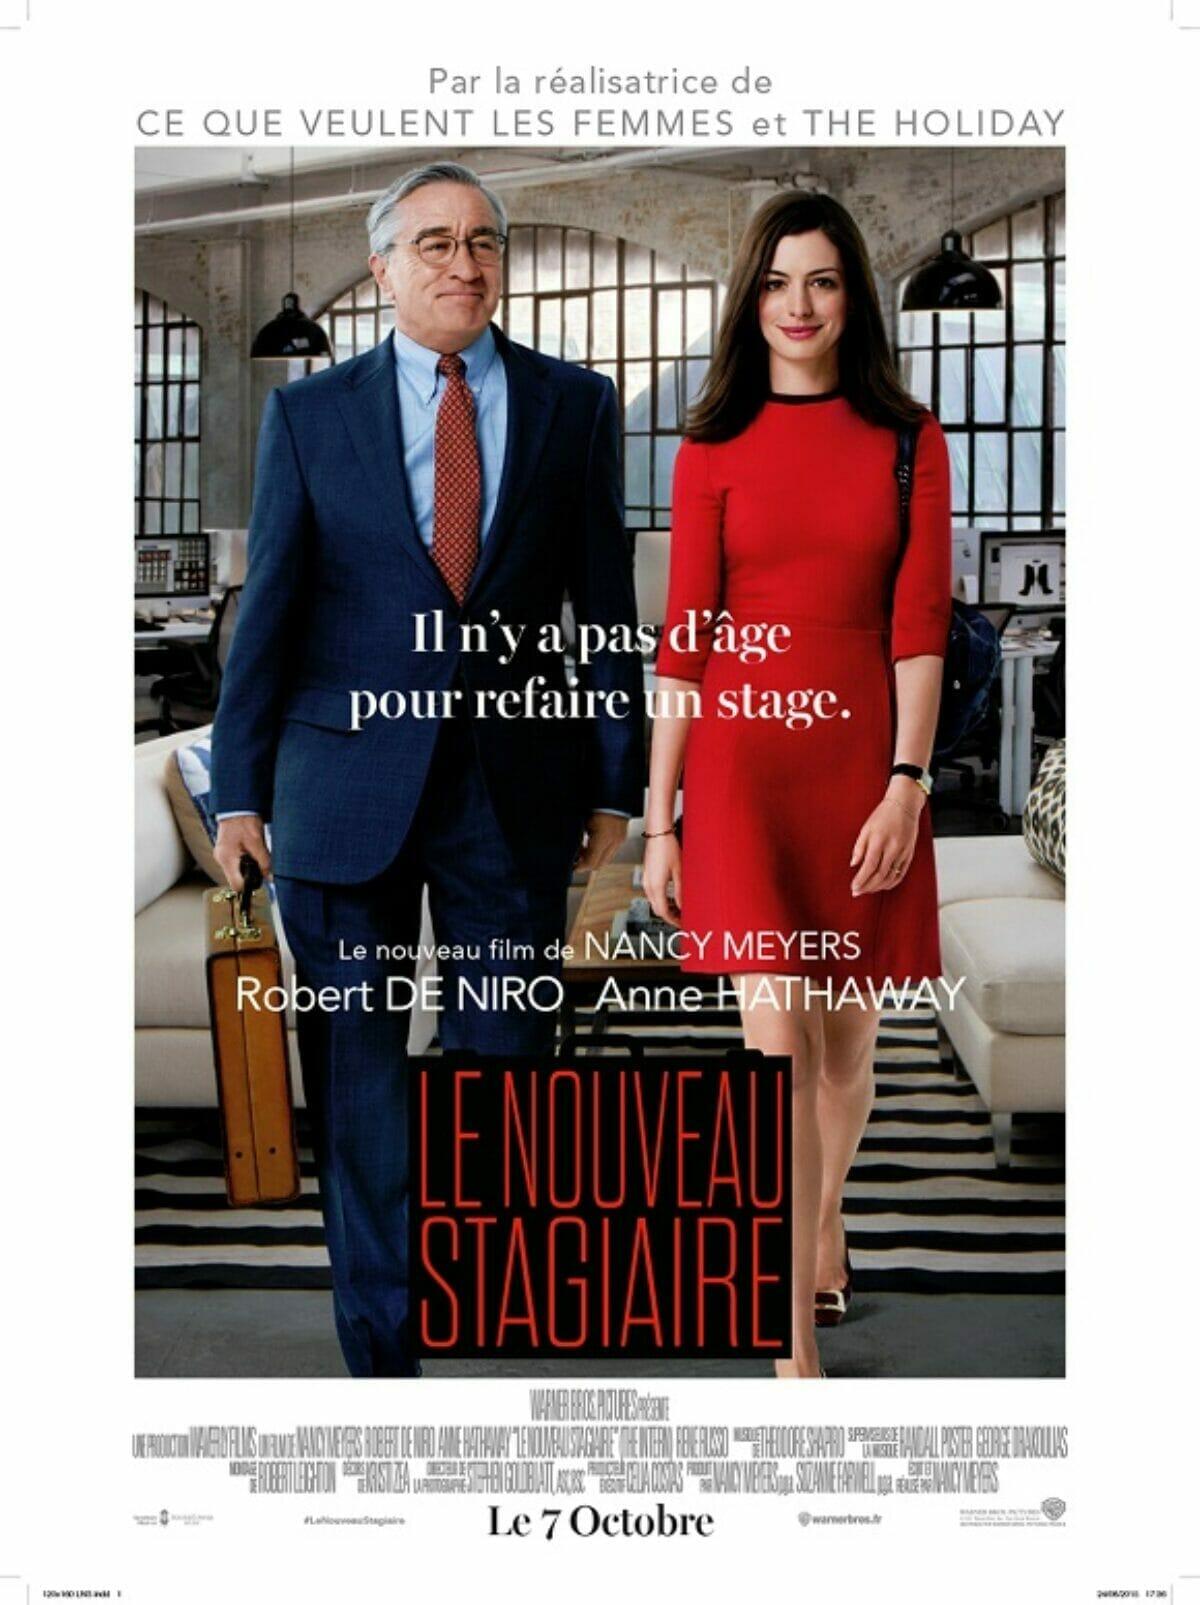 Le-Nouveau-Stagiaire-poster